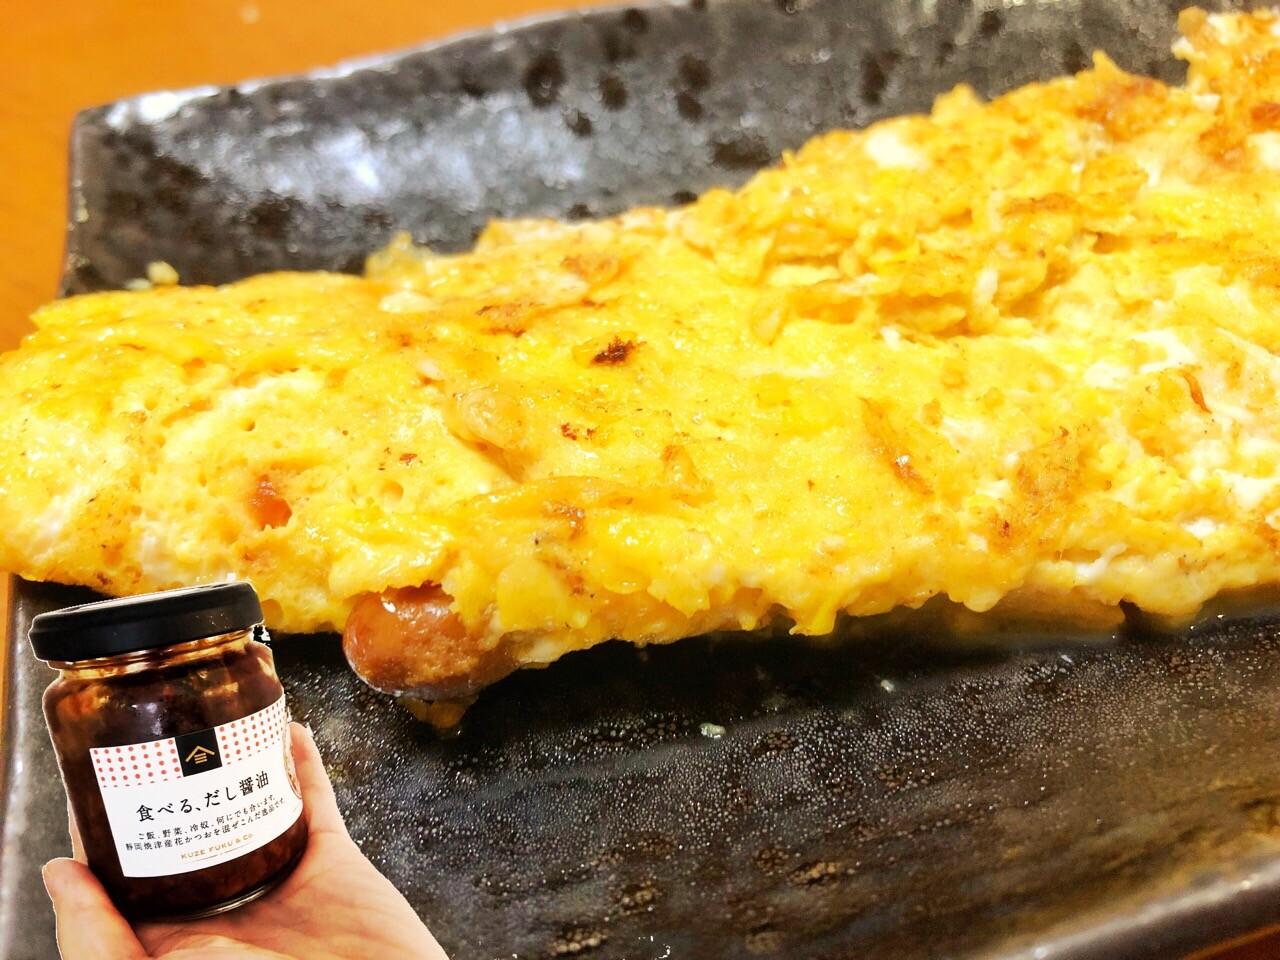 久世福商店 だし醤油 レシピ